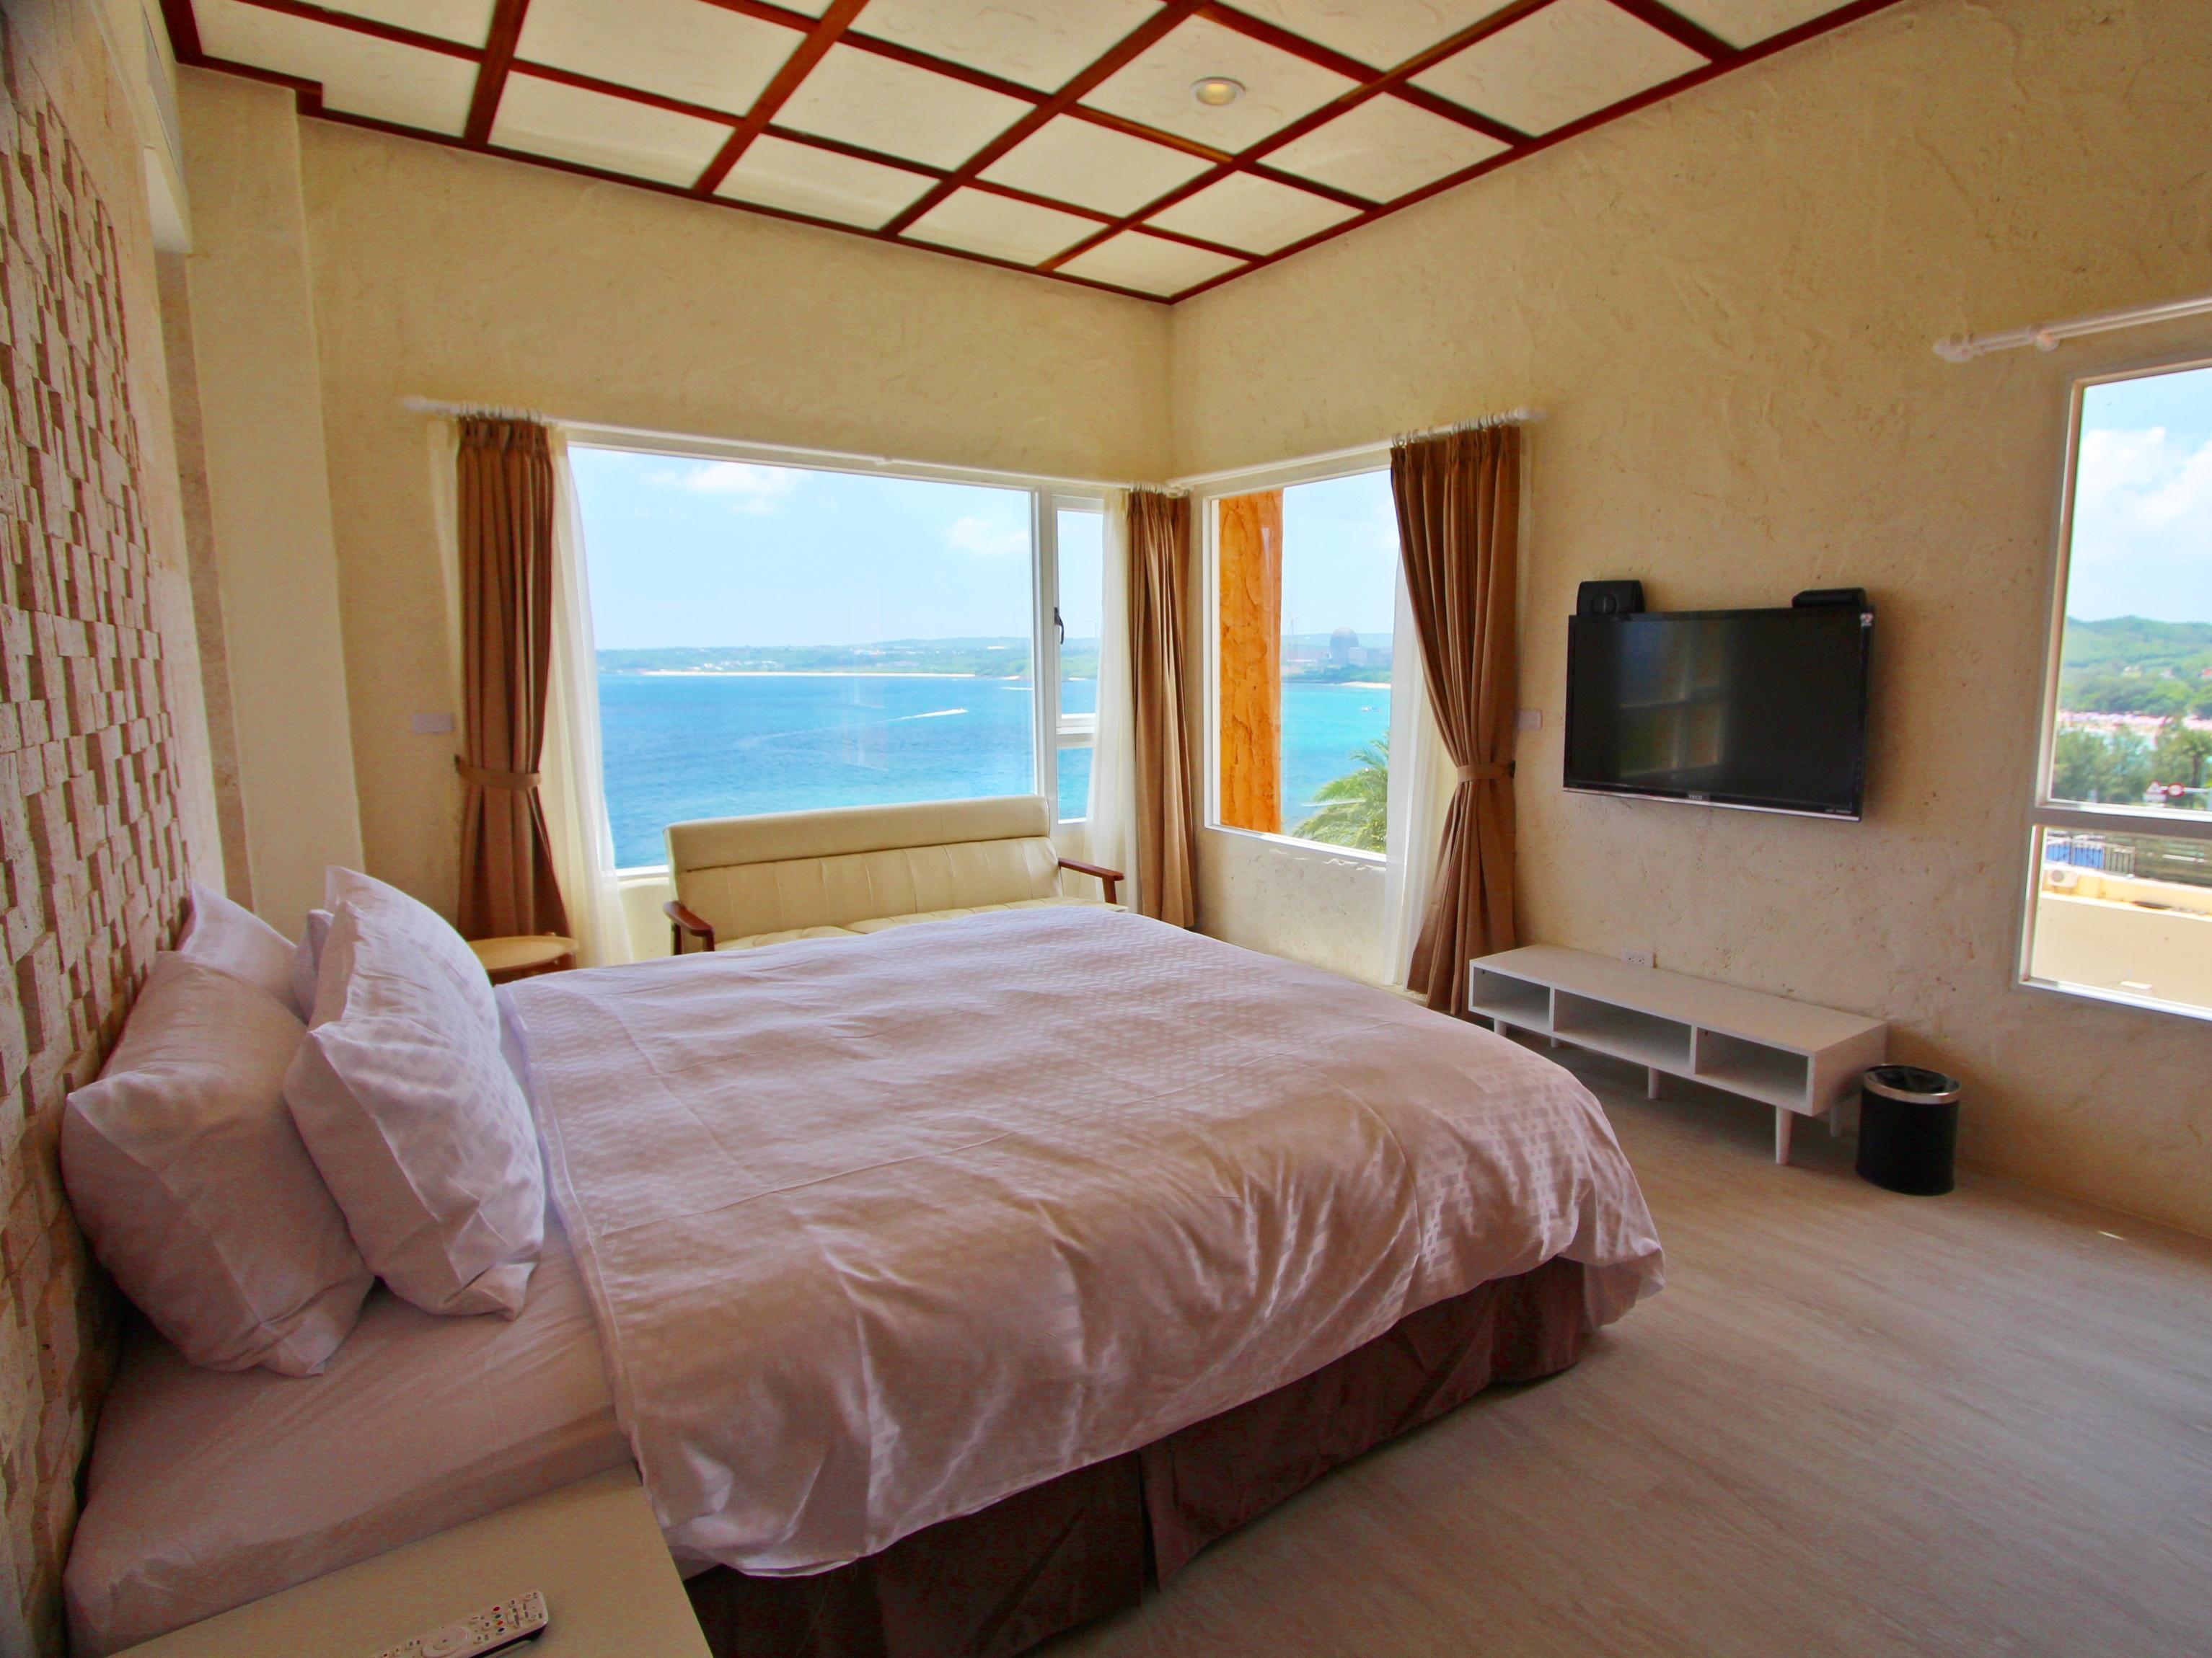 垦丁海边民宿 (seaside bed and breakfast)